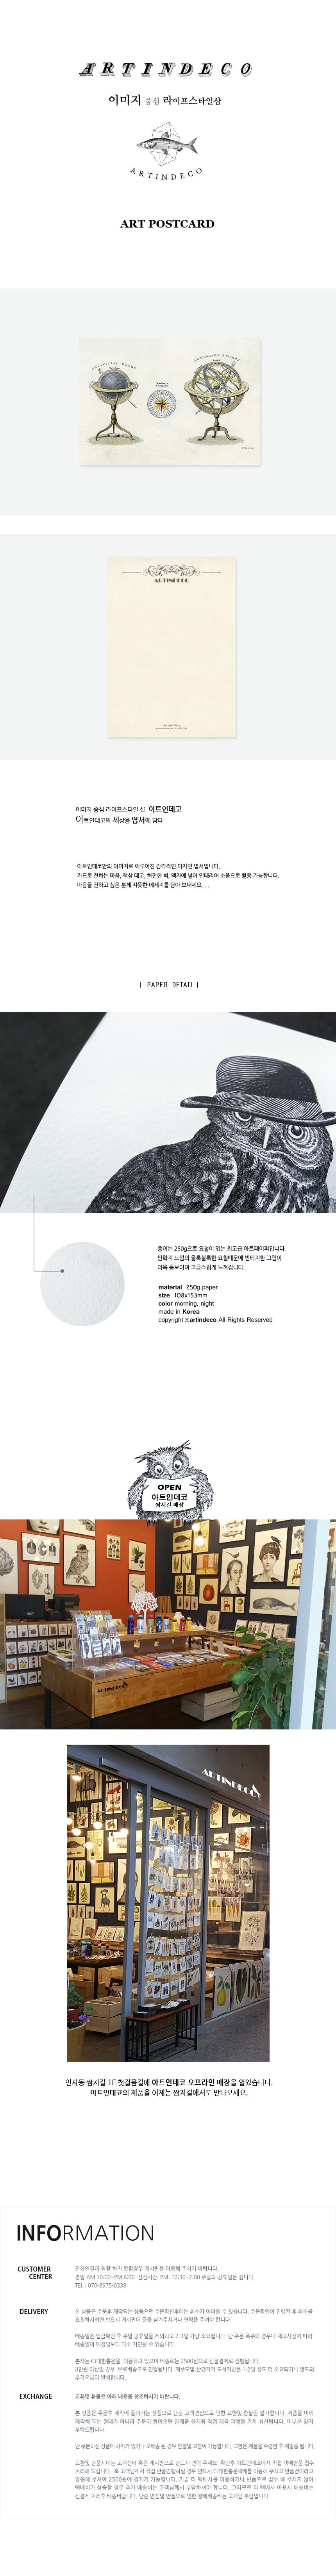 아트인데코 디자인엽서_앤틱02 - 아트인데코, 1,500원, 엽서, 일러스트